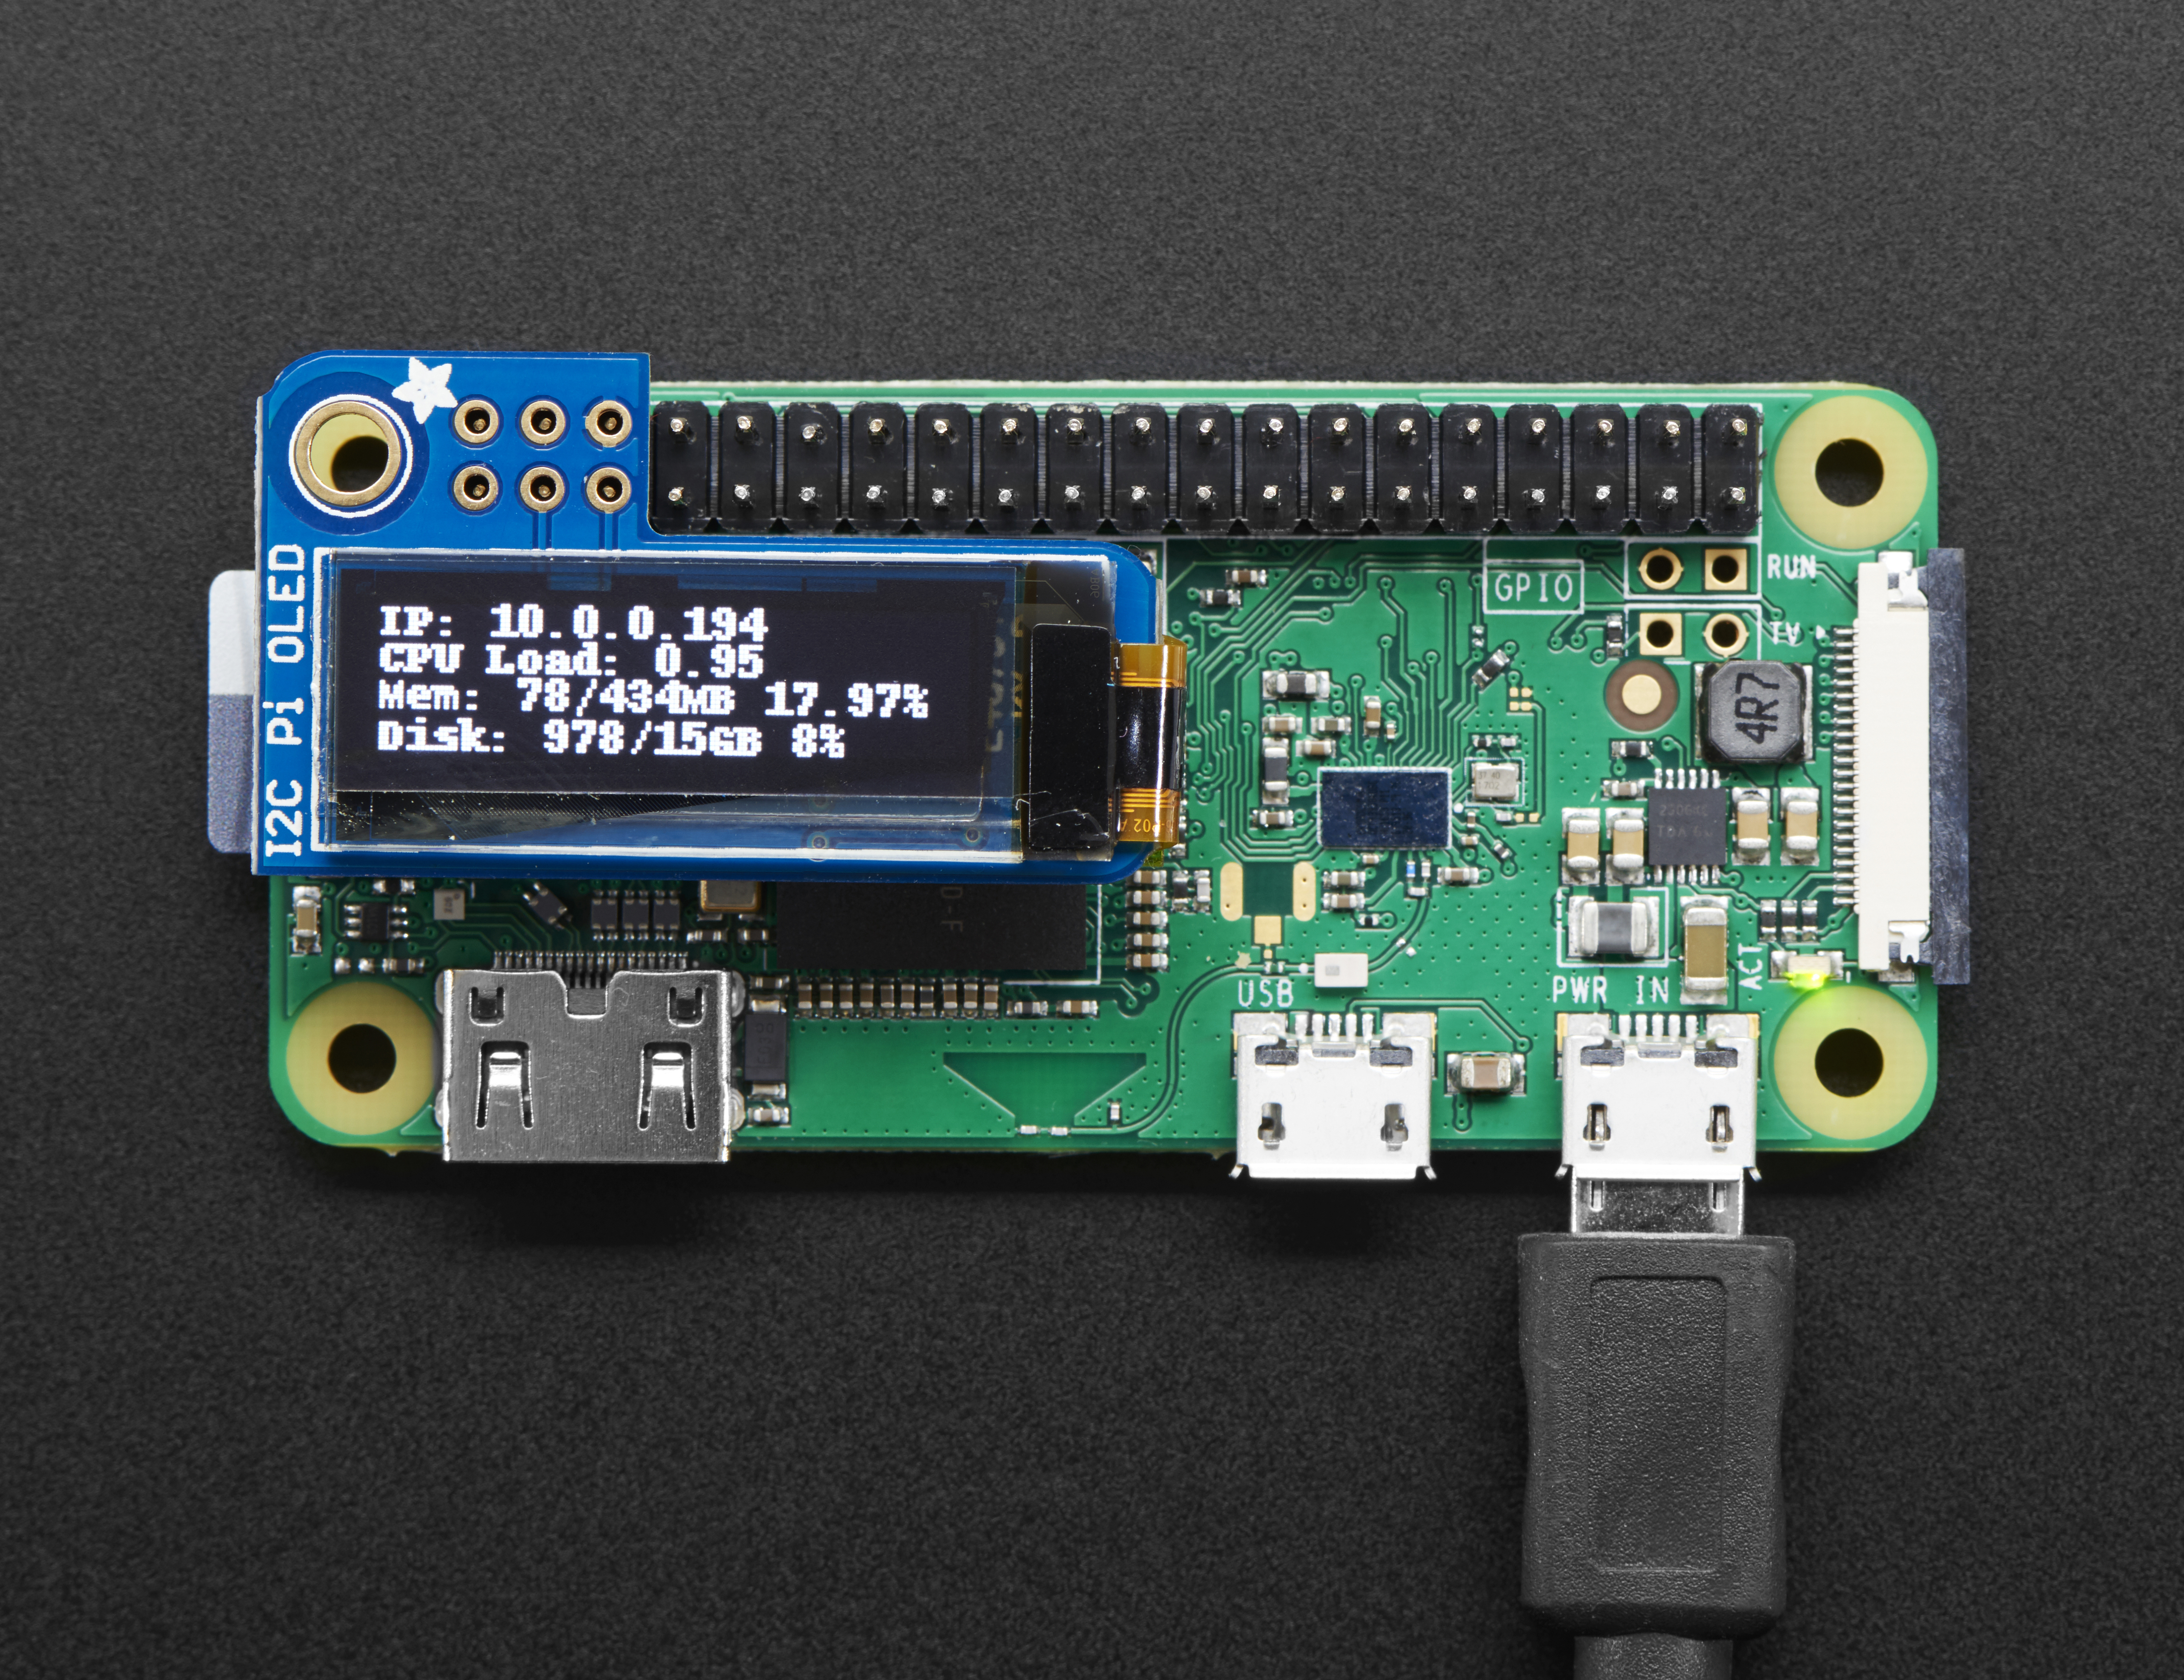 adafruit_products_raspberry_pi_3527_top_demo_ORIG.jpg